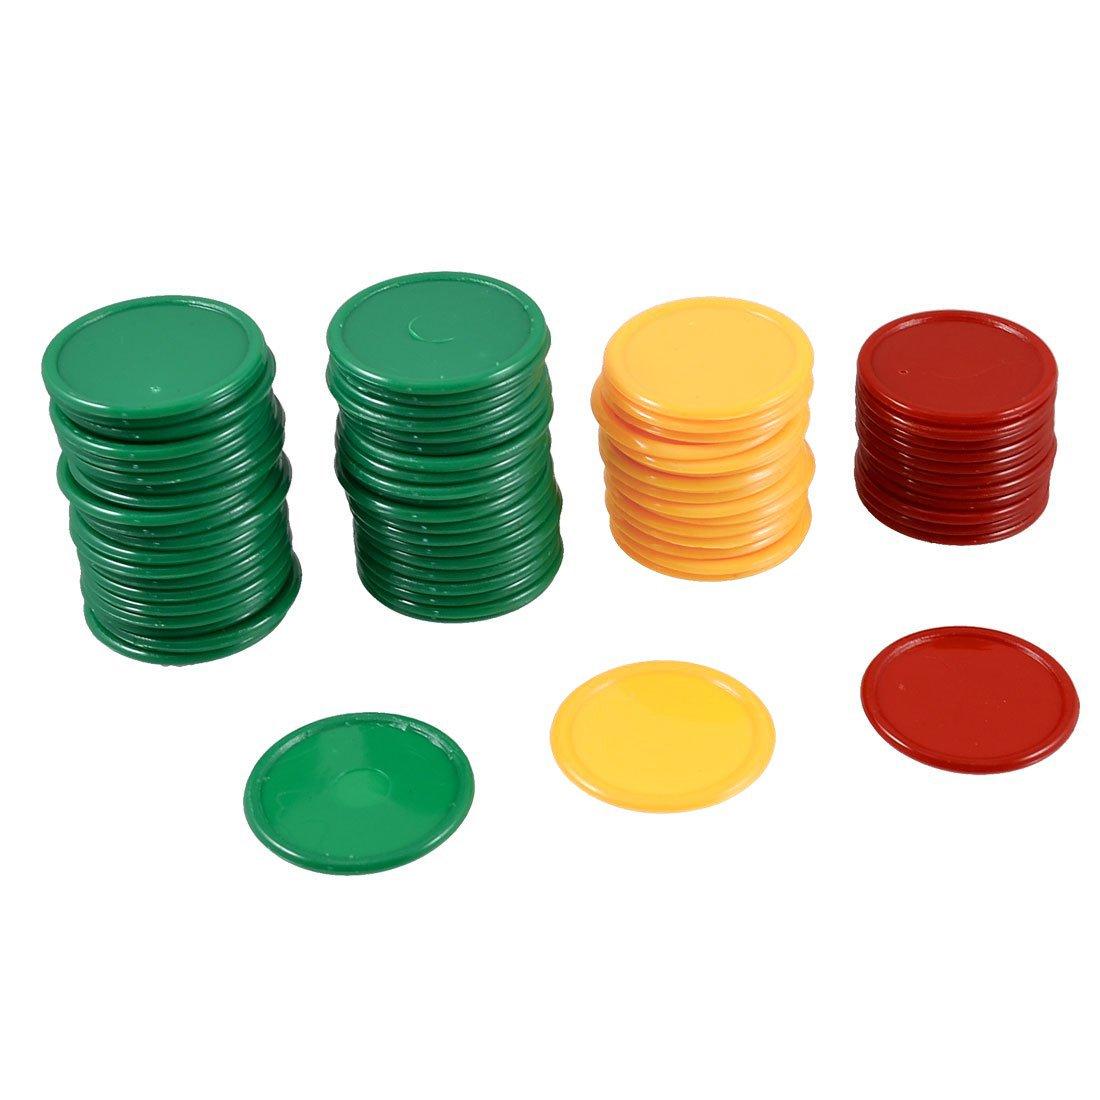 SODIAL(R) 69 Pcs Mini Jetons de poker Rouge Jaune Vert En forme ronde pour le jeu chanceux